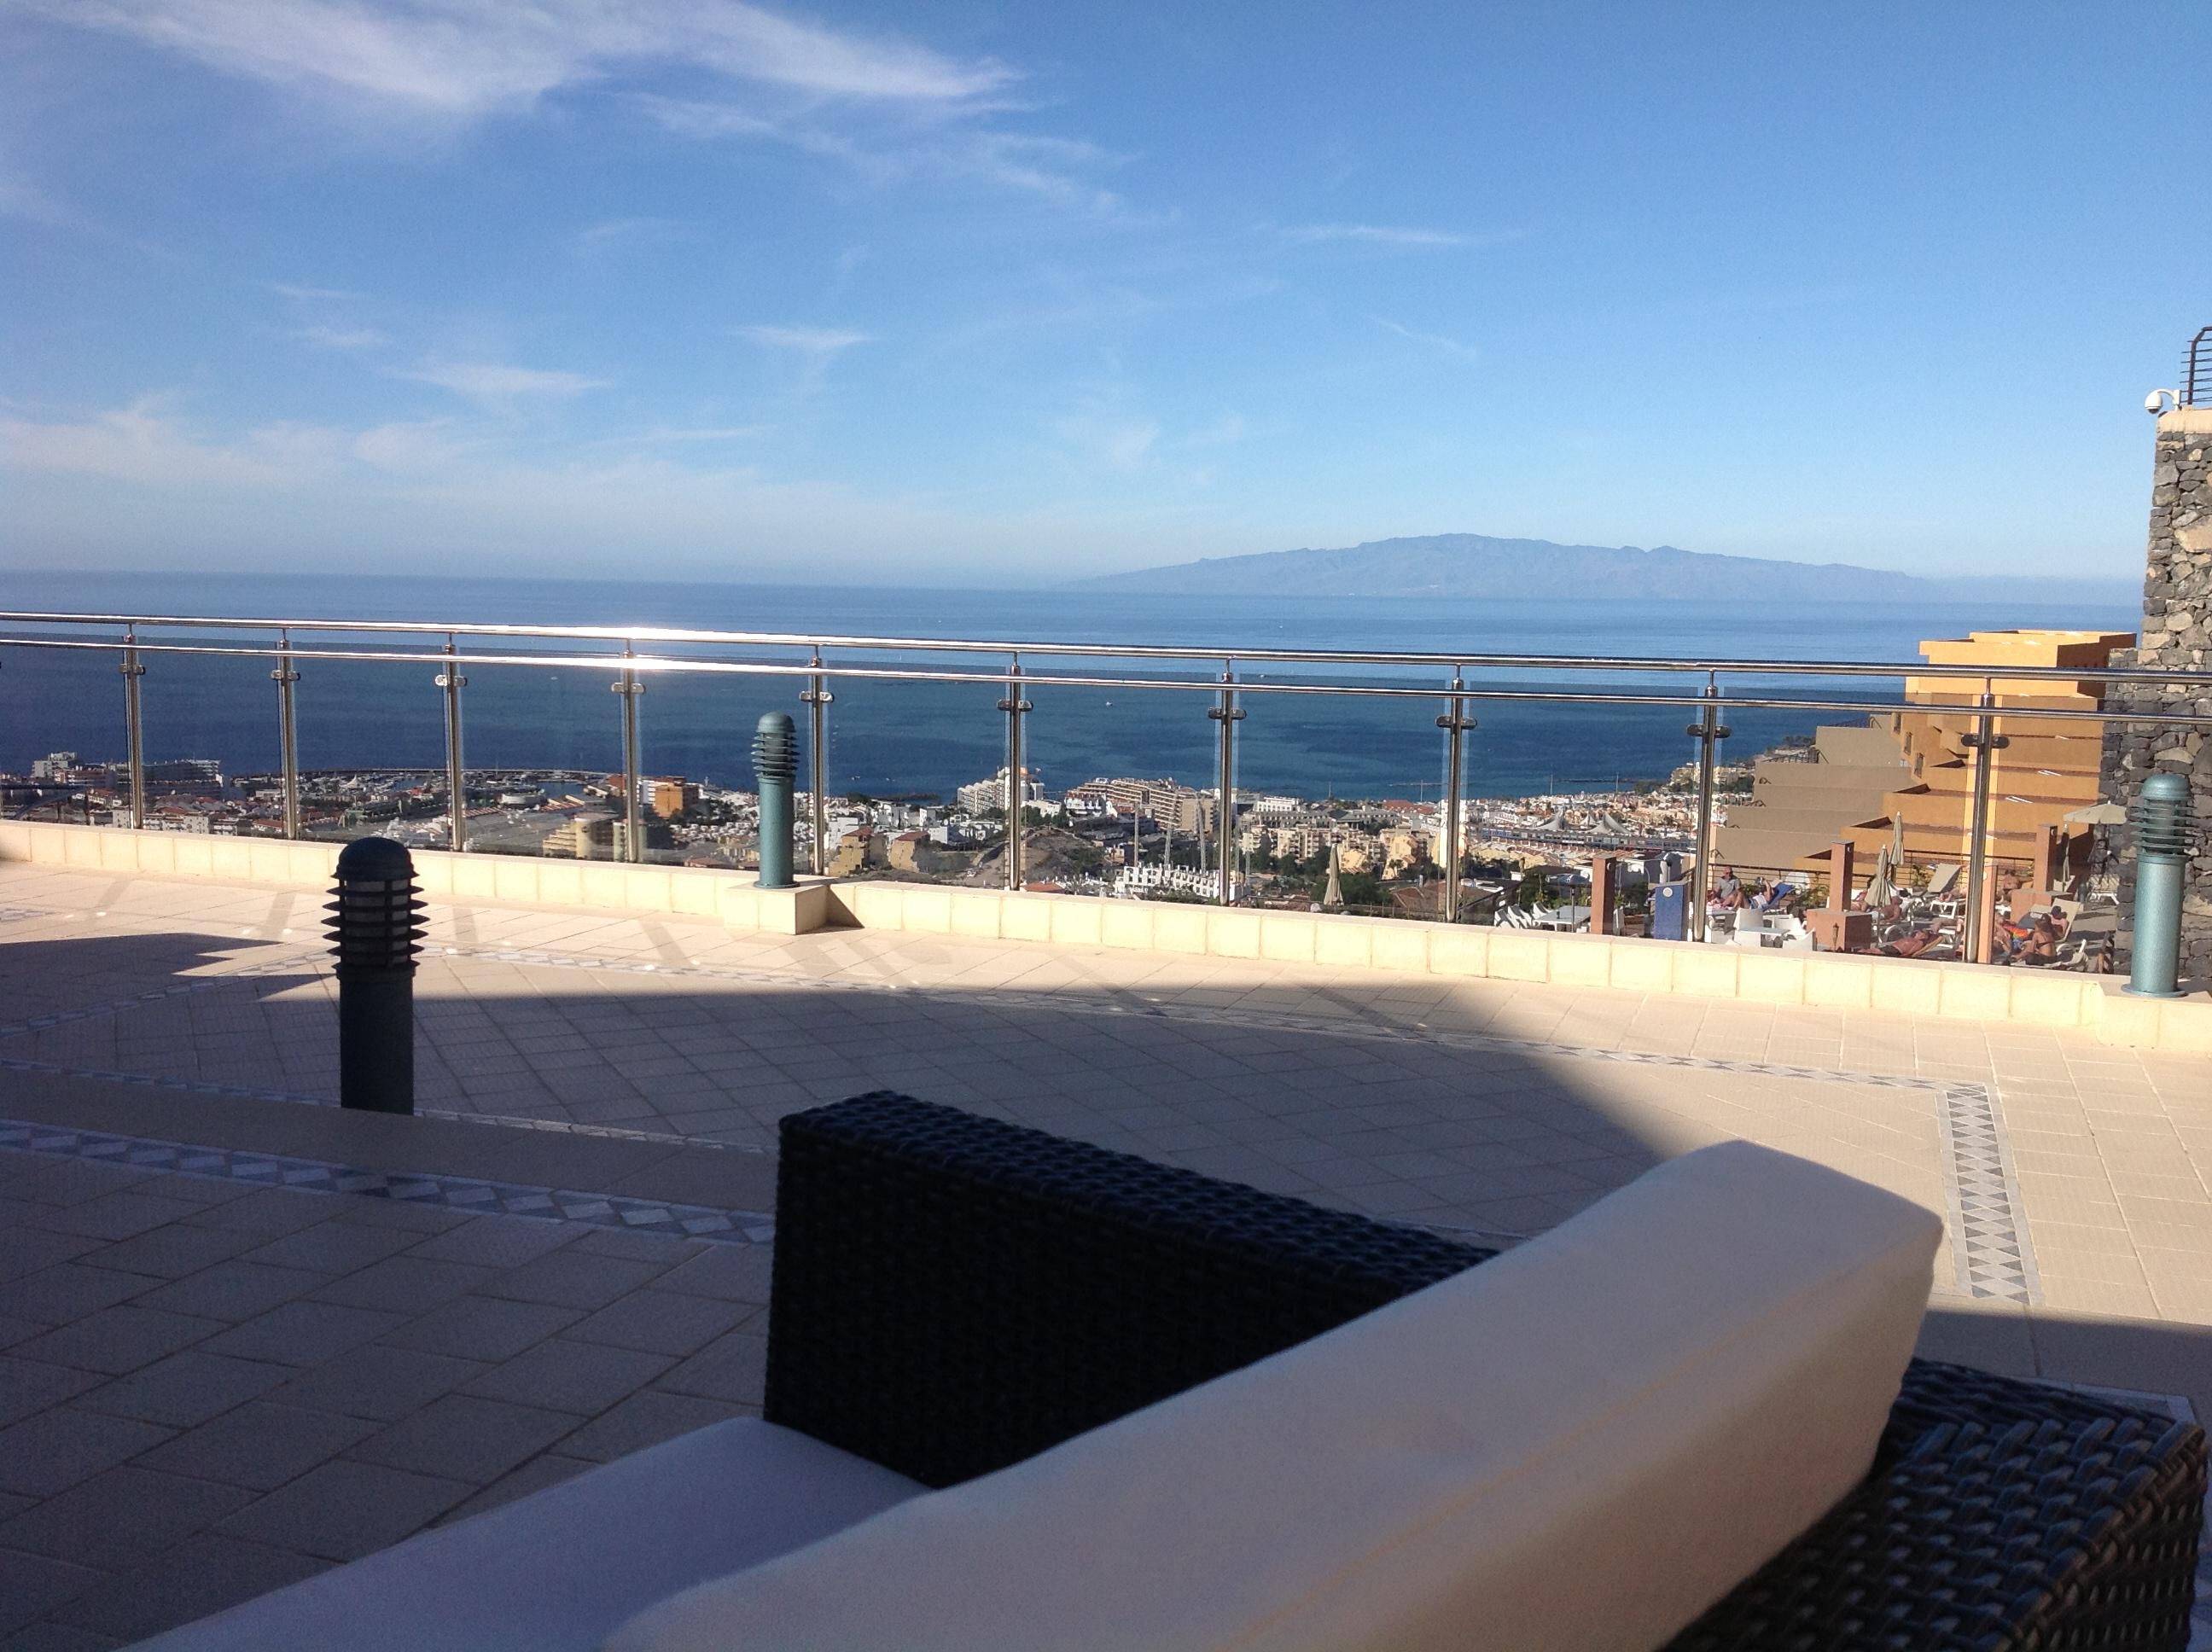 Tenerife: Dagstur med bil